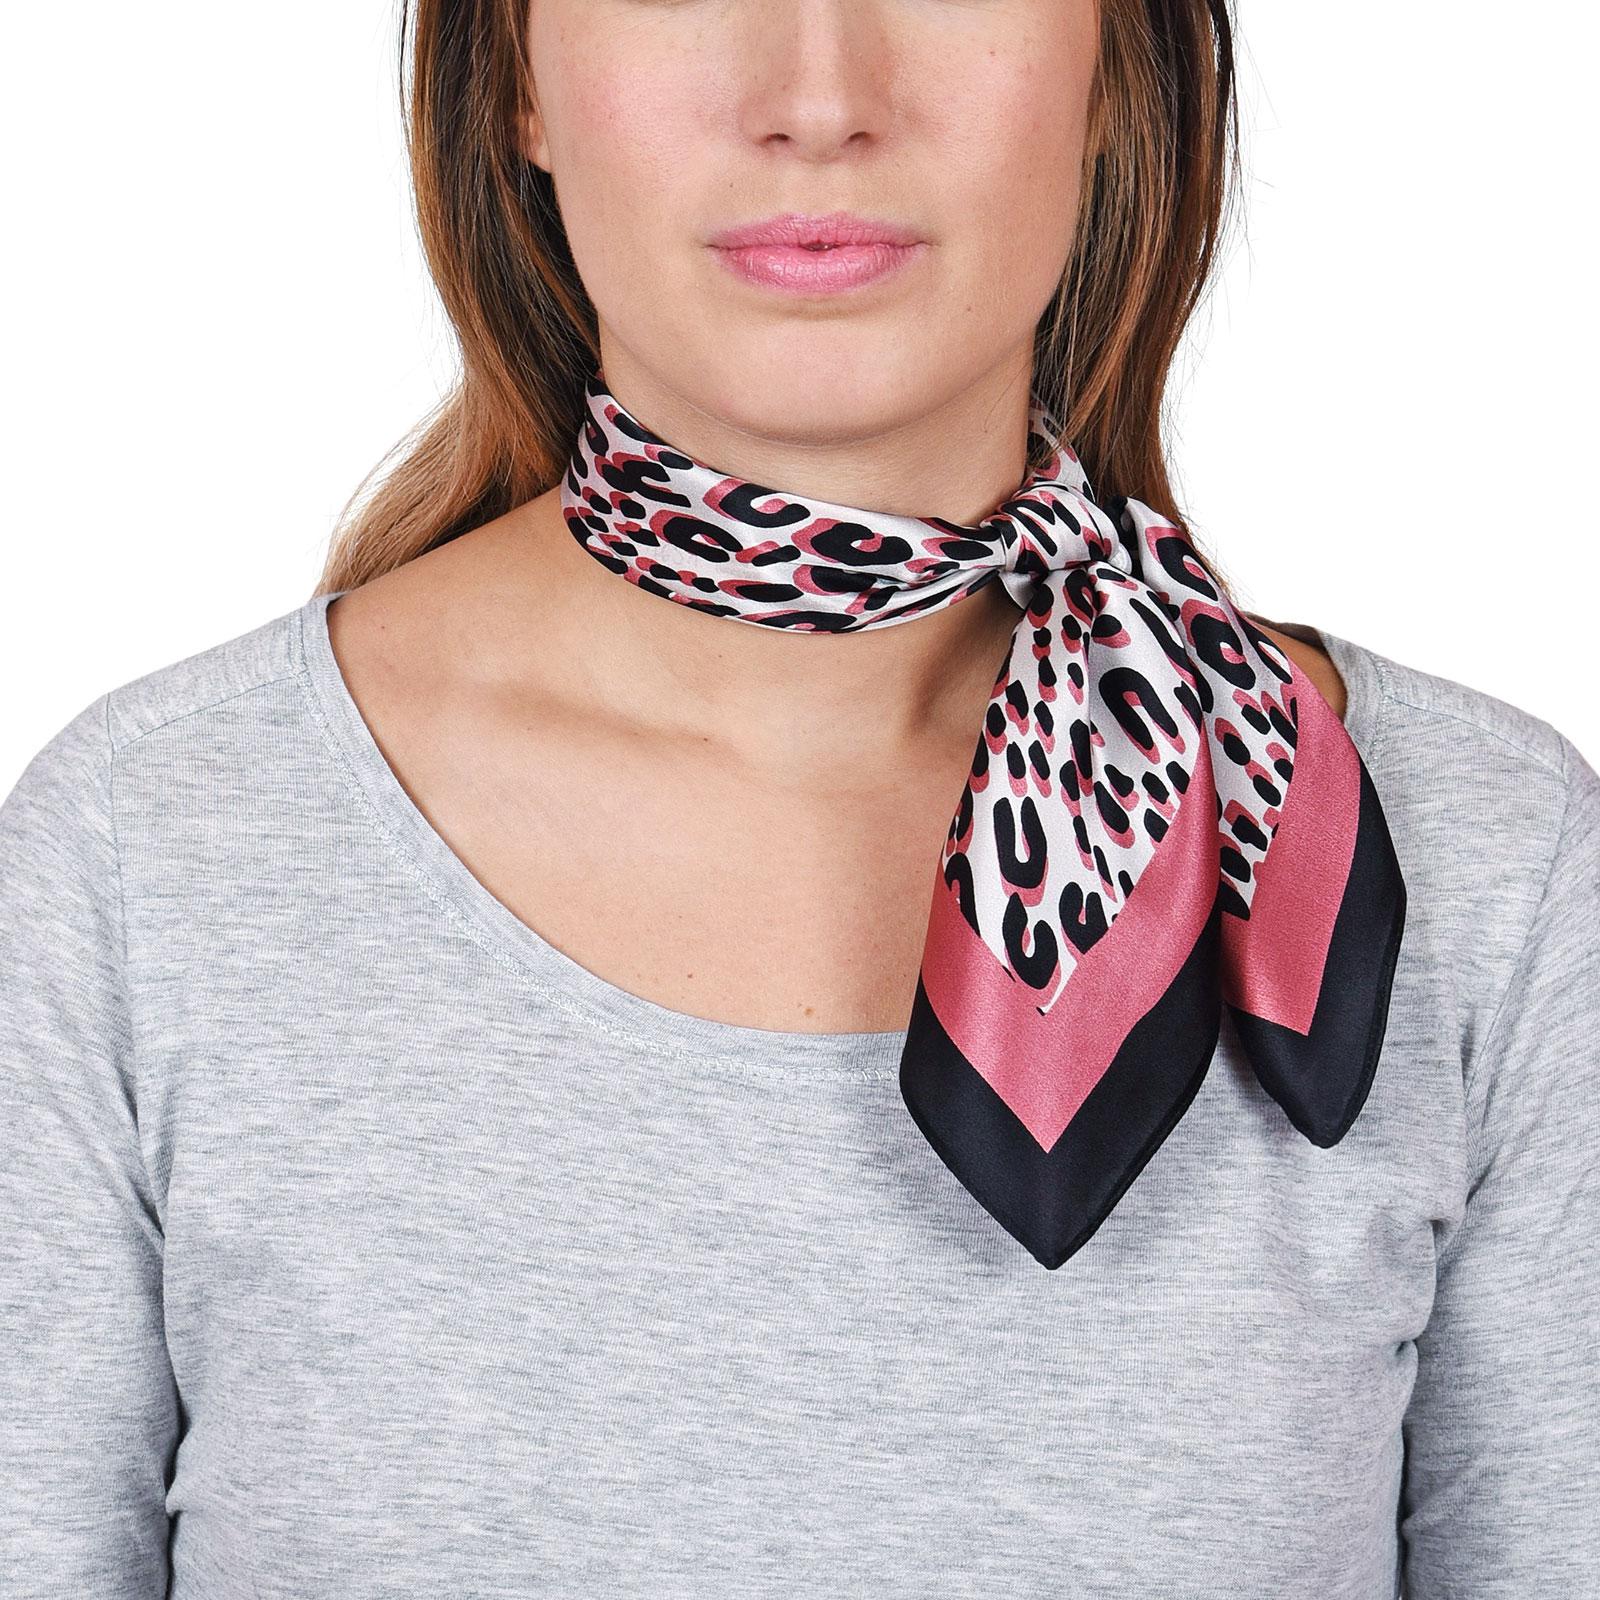 AT-04651-VF16-carre-soie-femme-rose-leopard